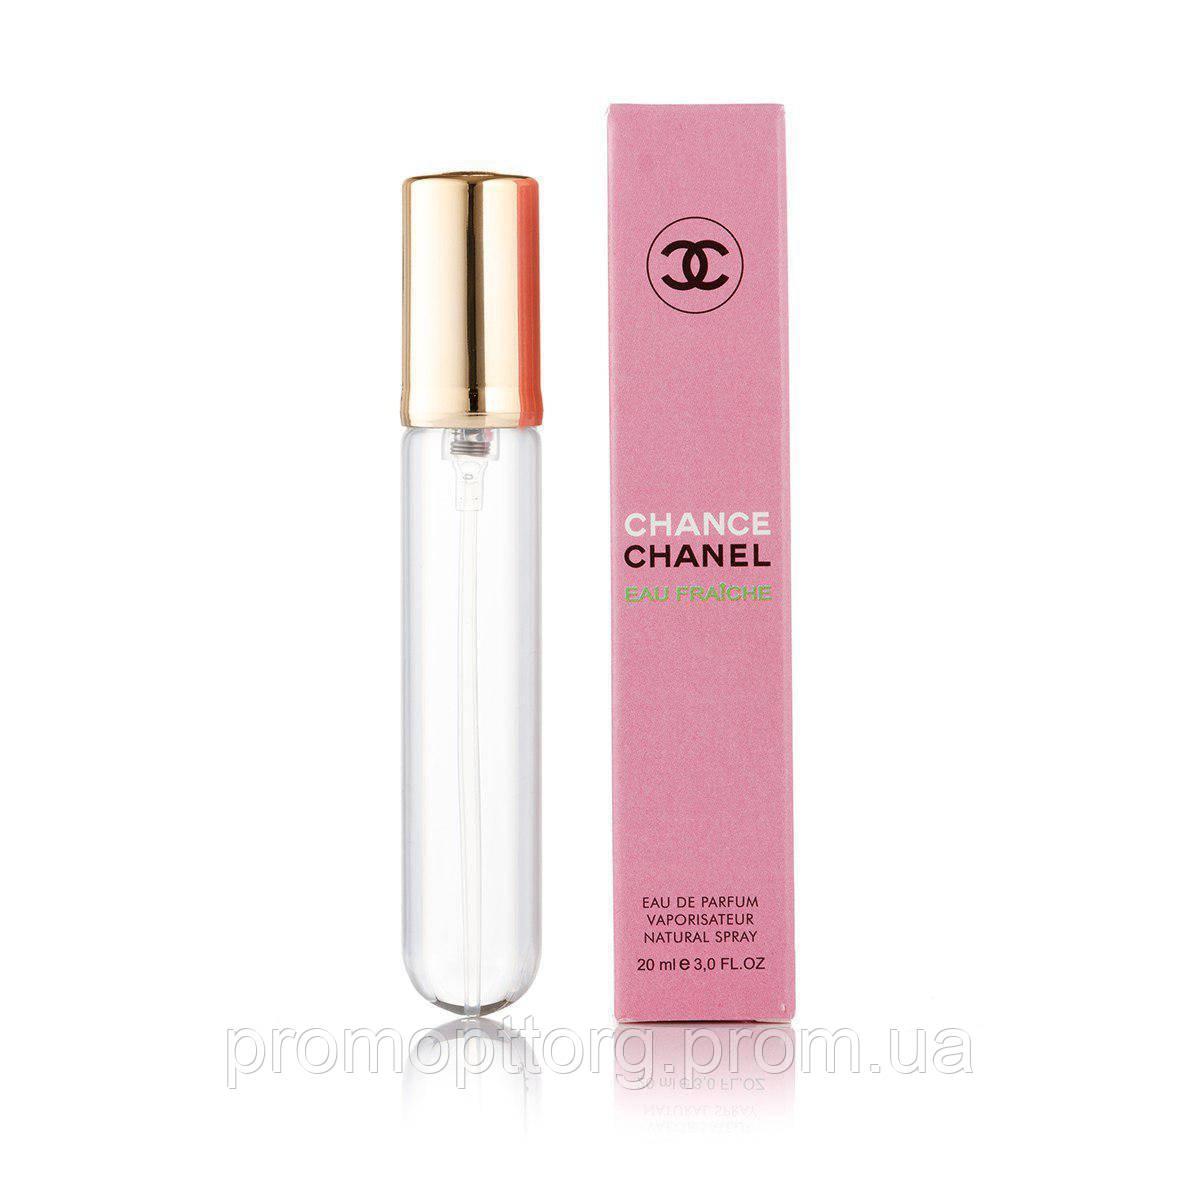 Chanel Chance Eau Fraiche (Шанель Шанс Фреш)  мини парфюм 20 ml(реплика)